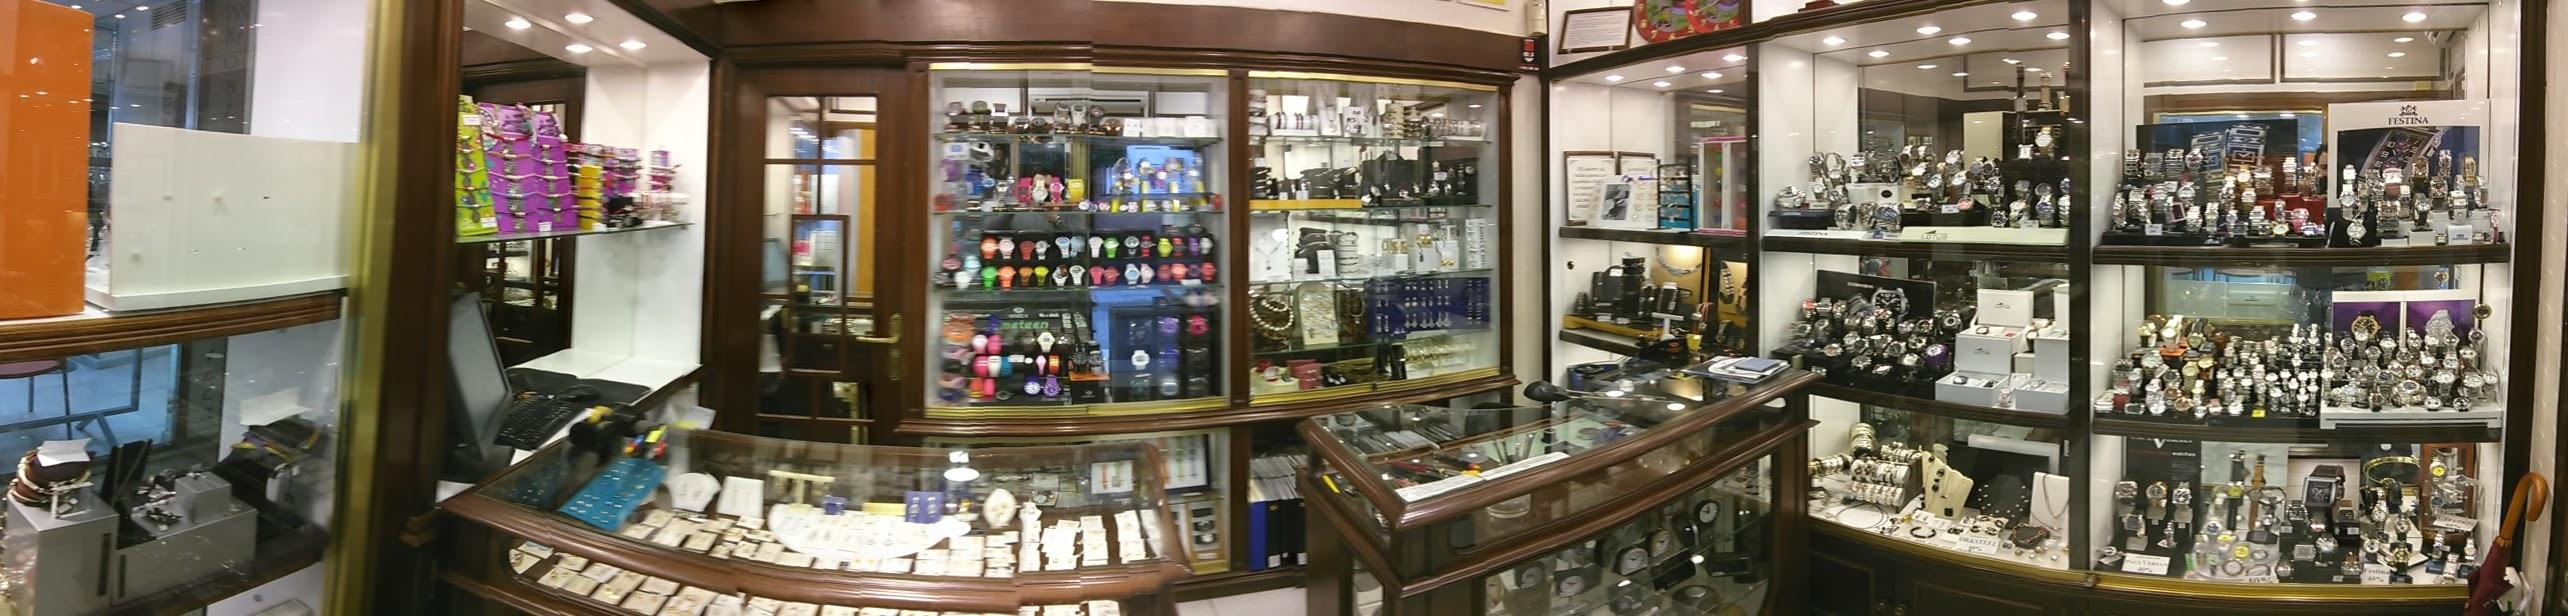 Foto interior de Joyería Molina